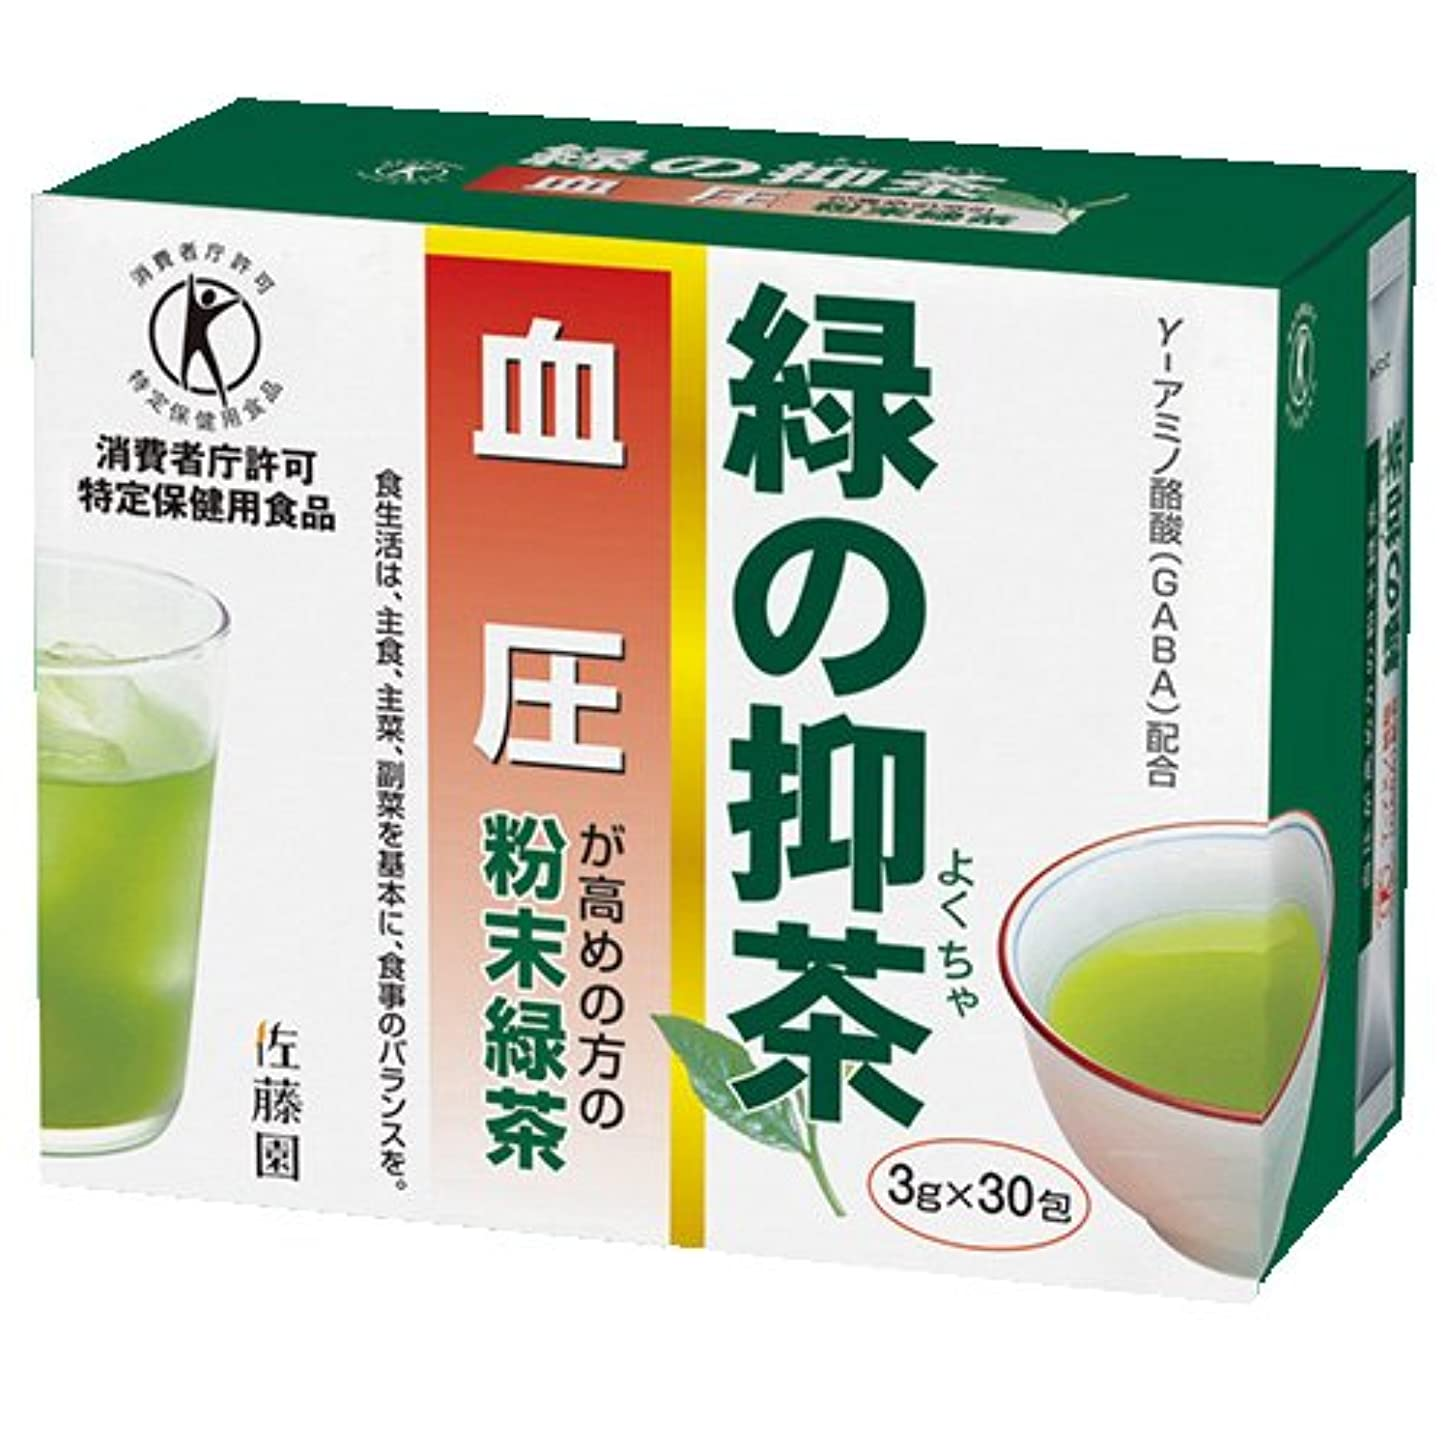 残酷ぼろプレビスサイト佐藤園のトクホのお茶 緑の抑茶(血圧) 30包 [特定保健用食品]